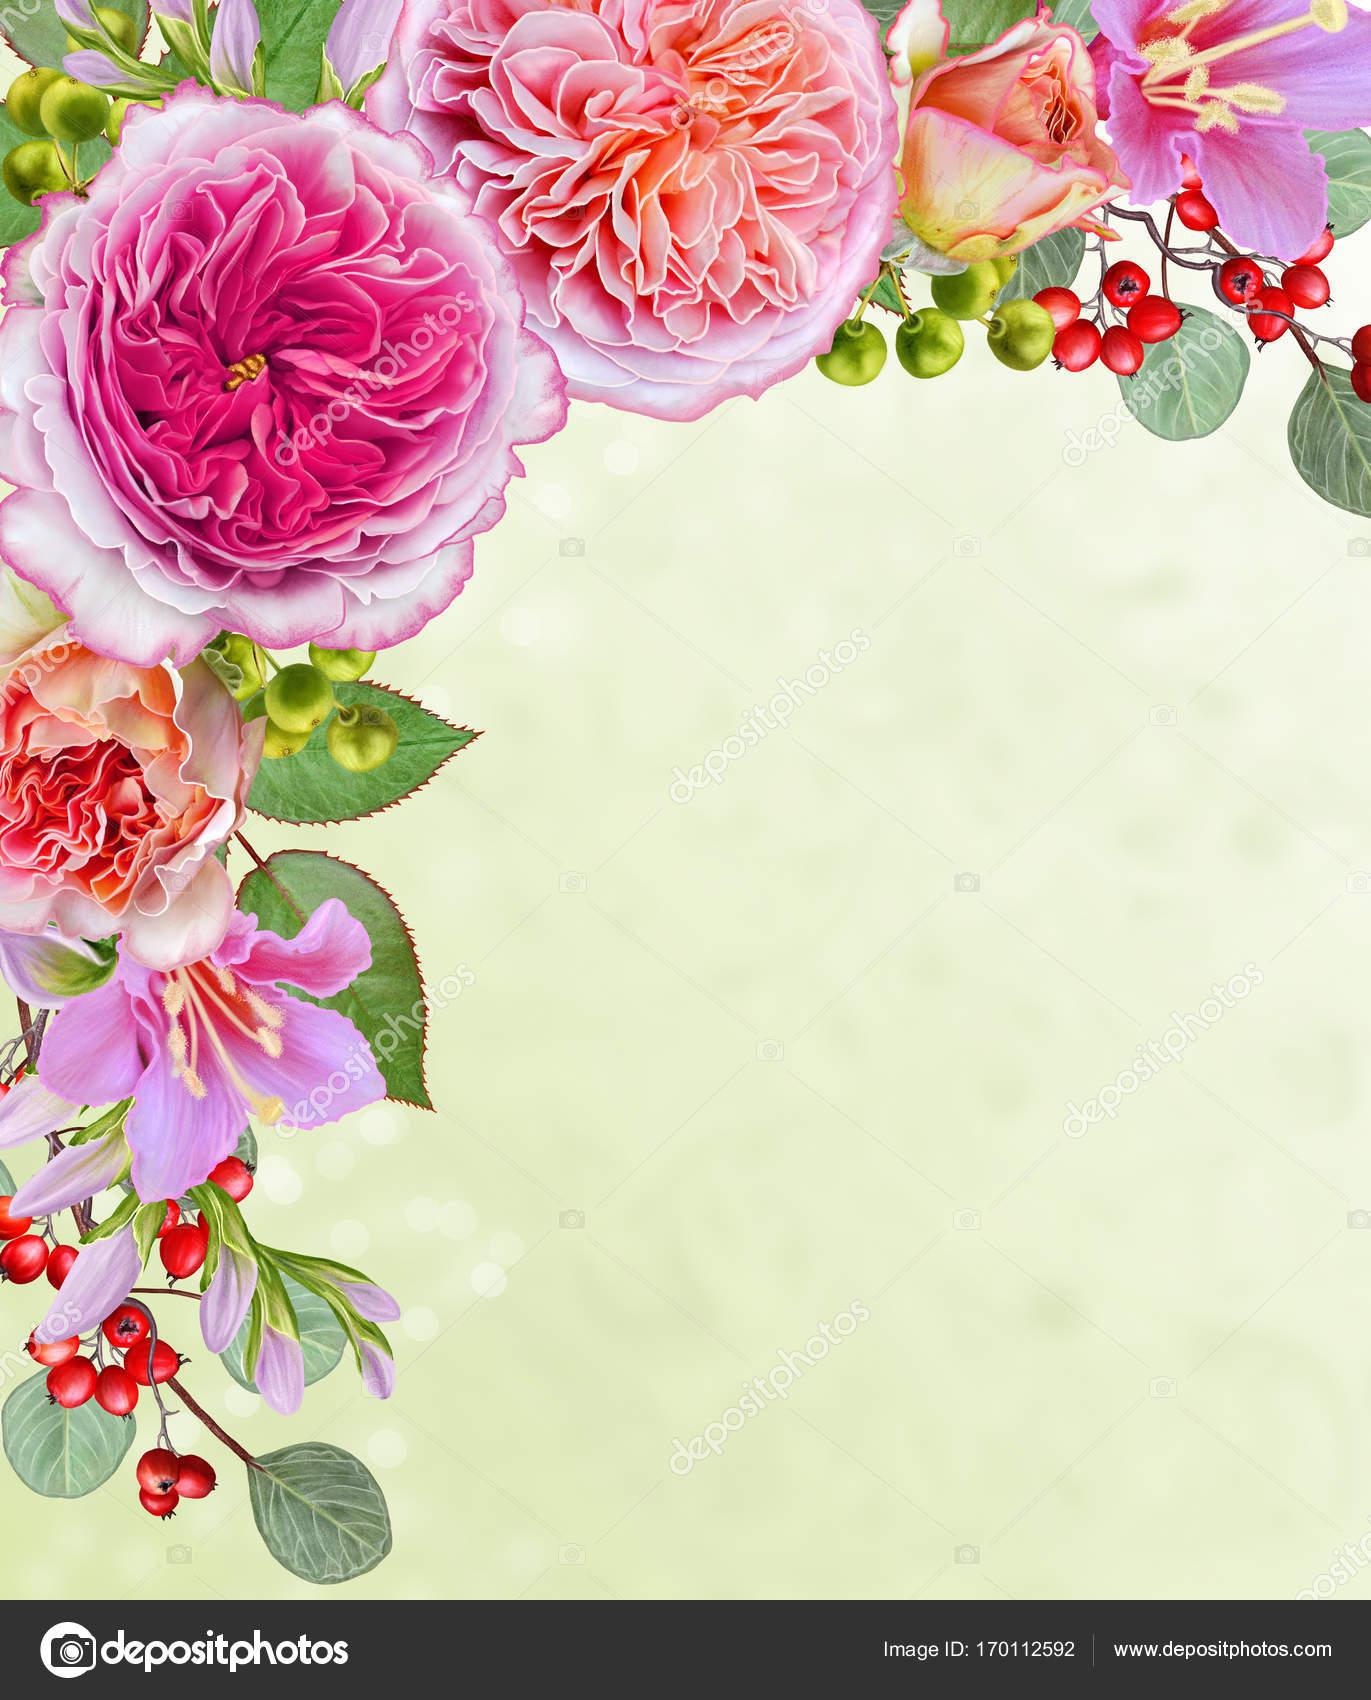 Открытка с благодарностью цветы и ягоды в букете 27